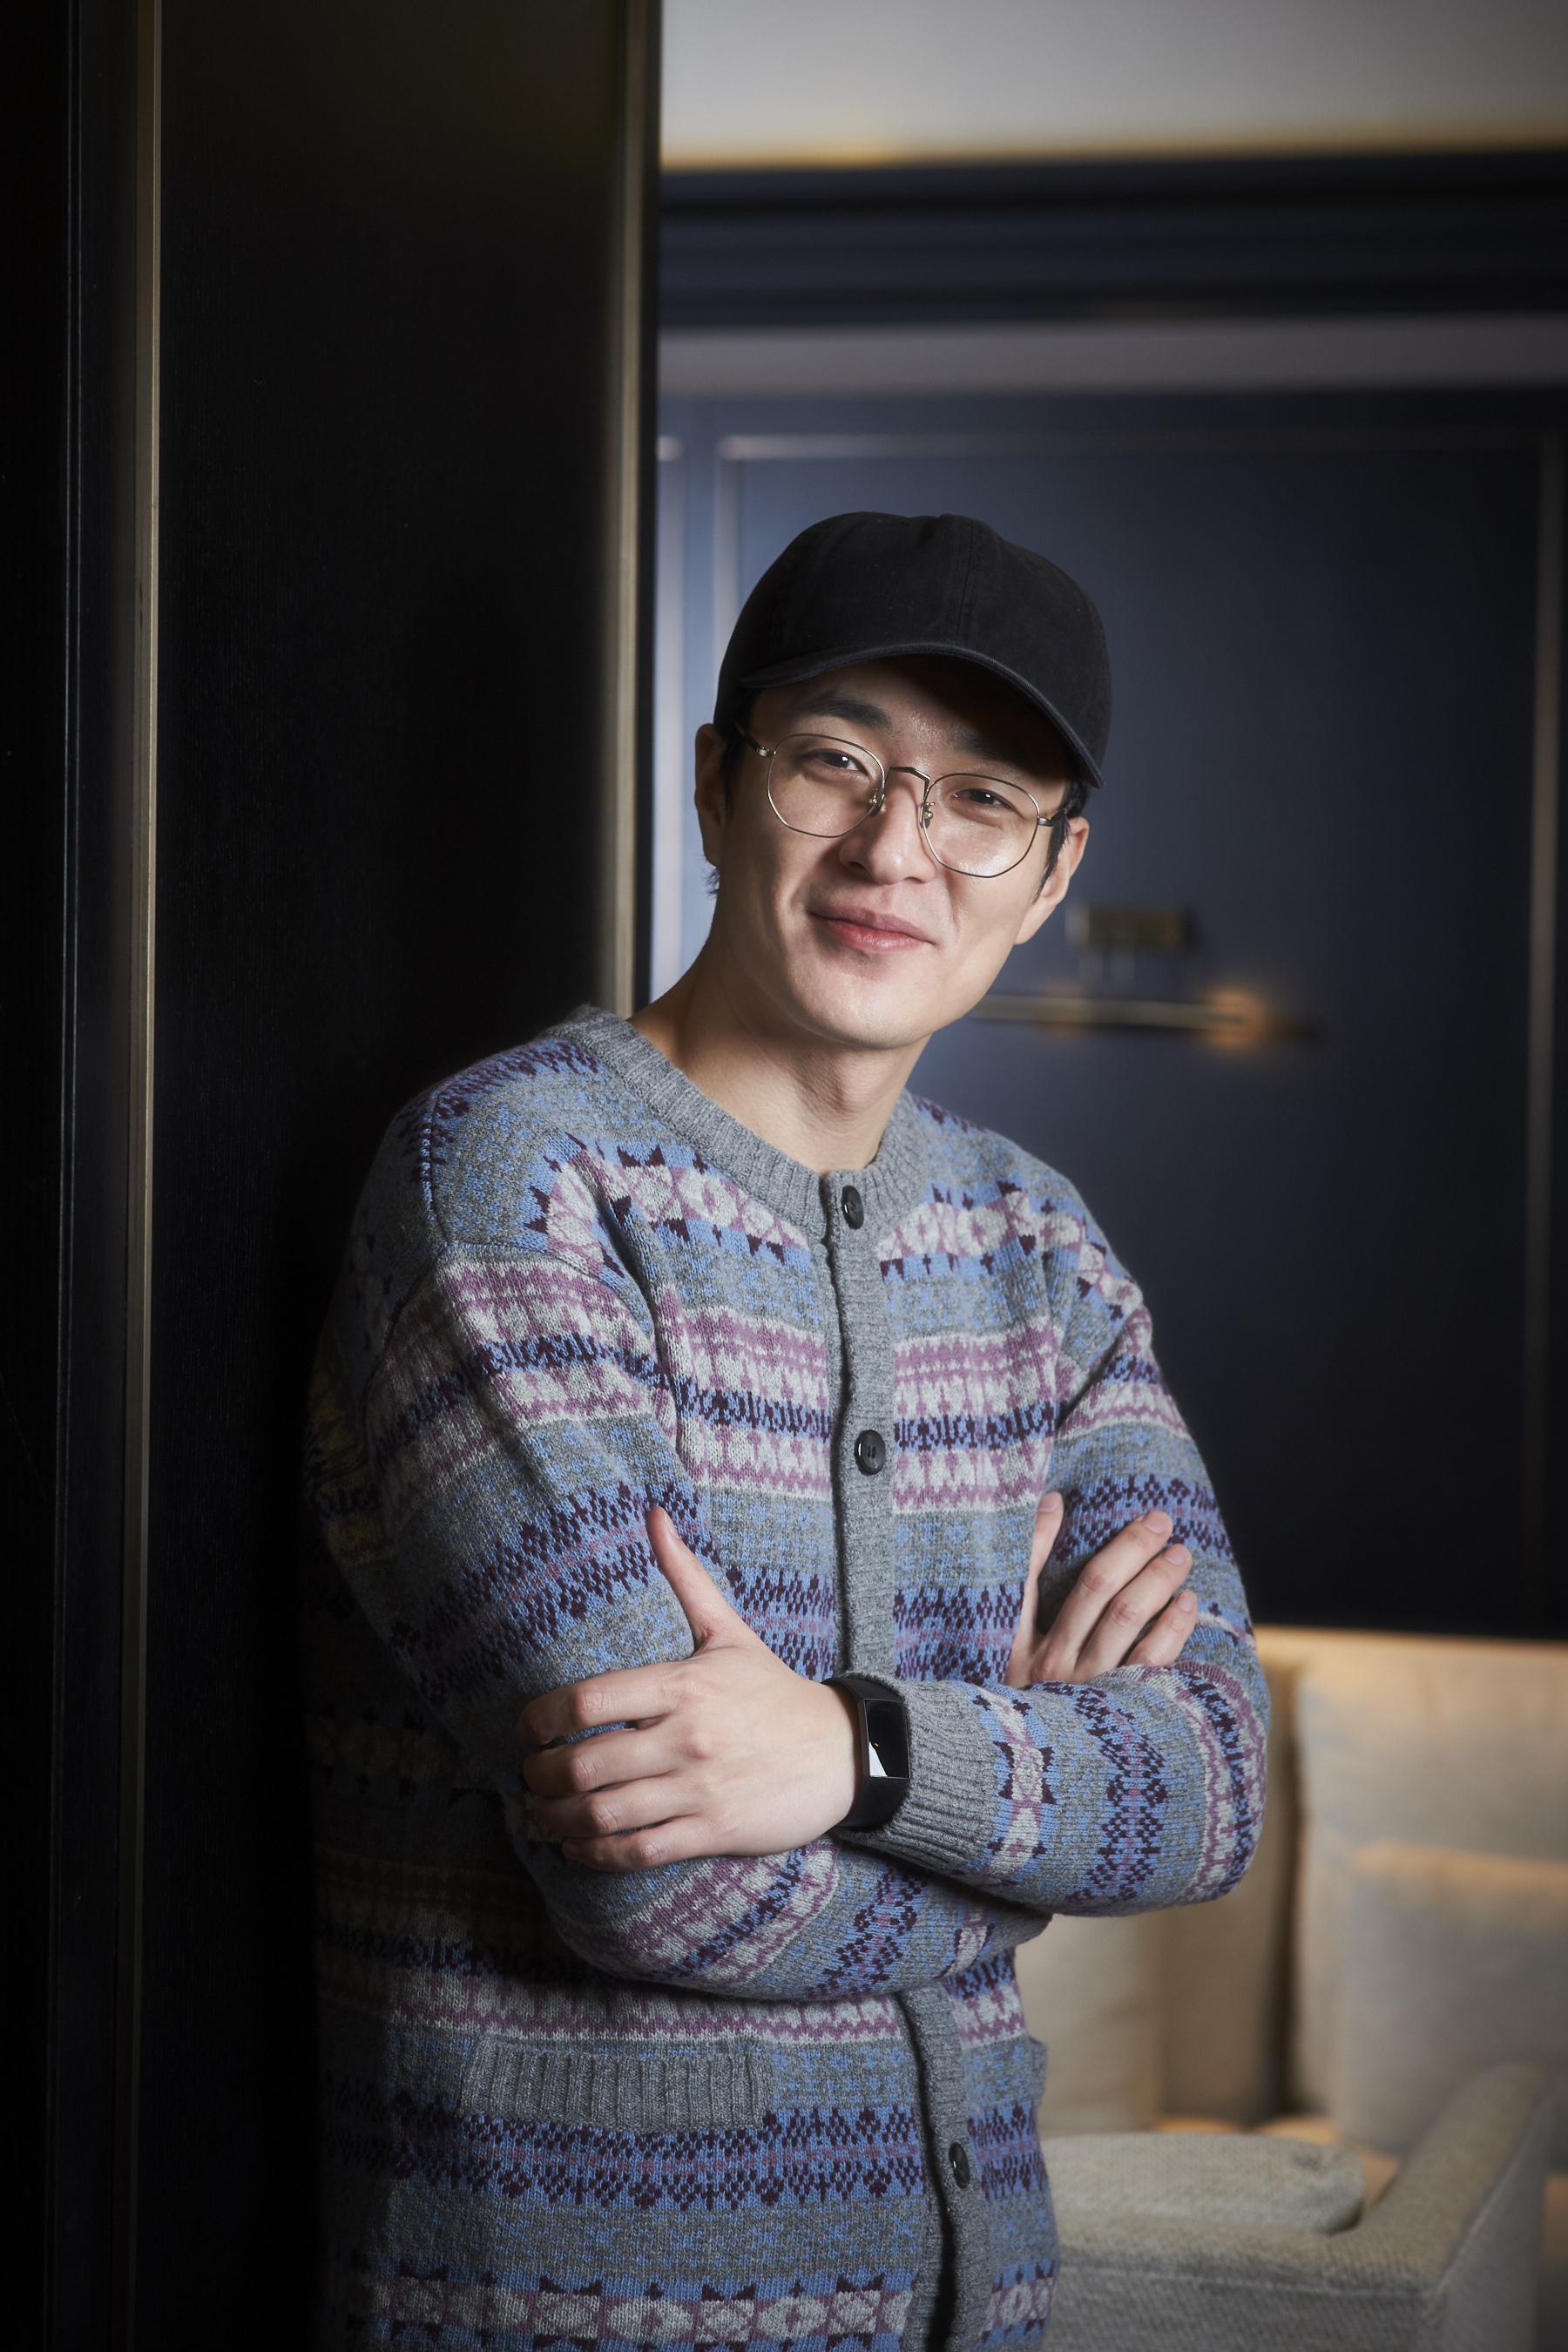 [人스타] 재기발랄한 웃음 가득한 영화로 돌아온 이병헌 감독